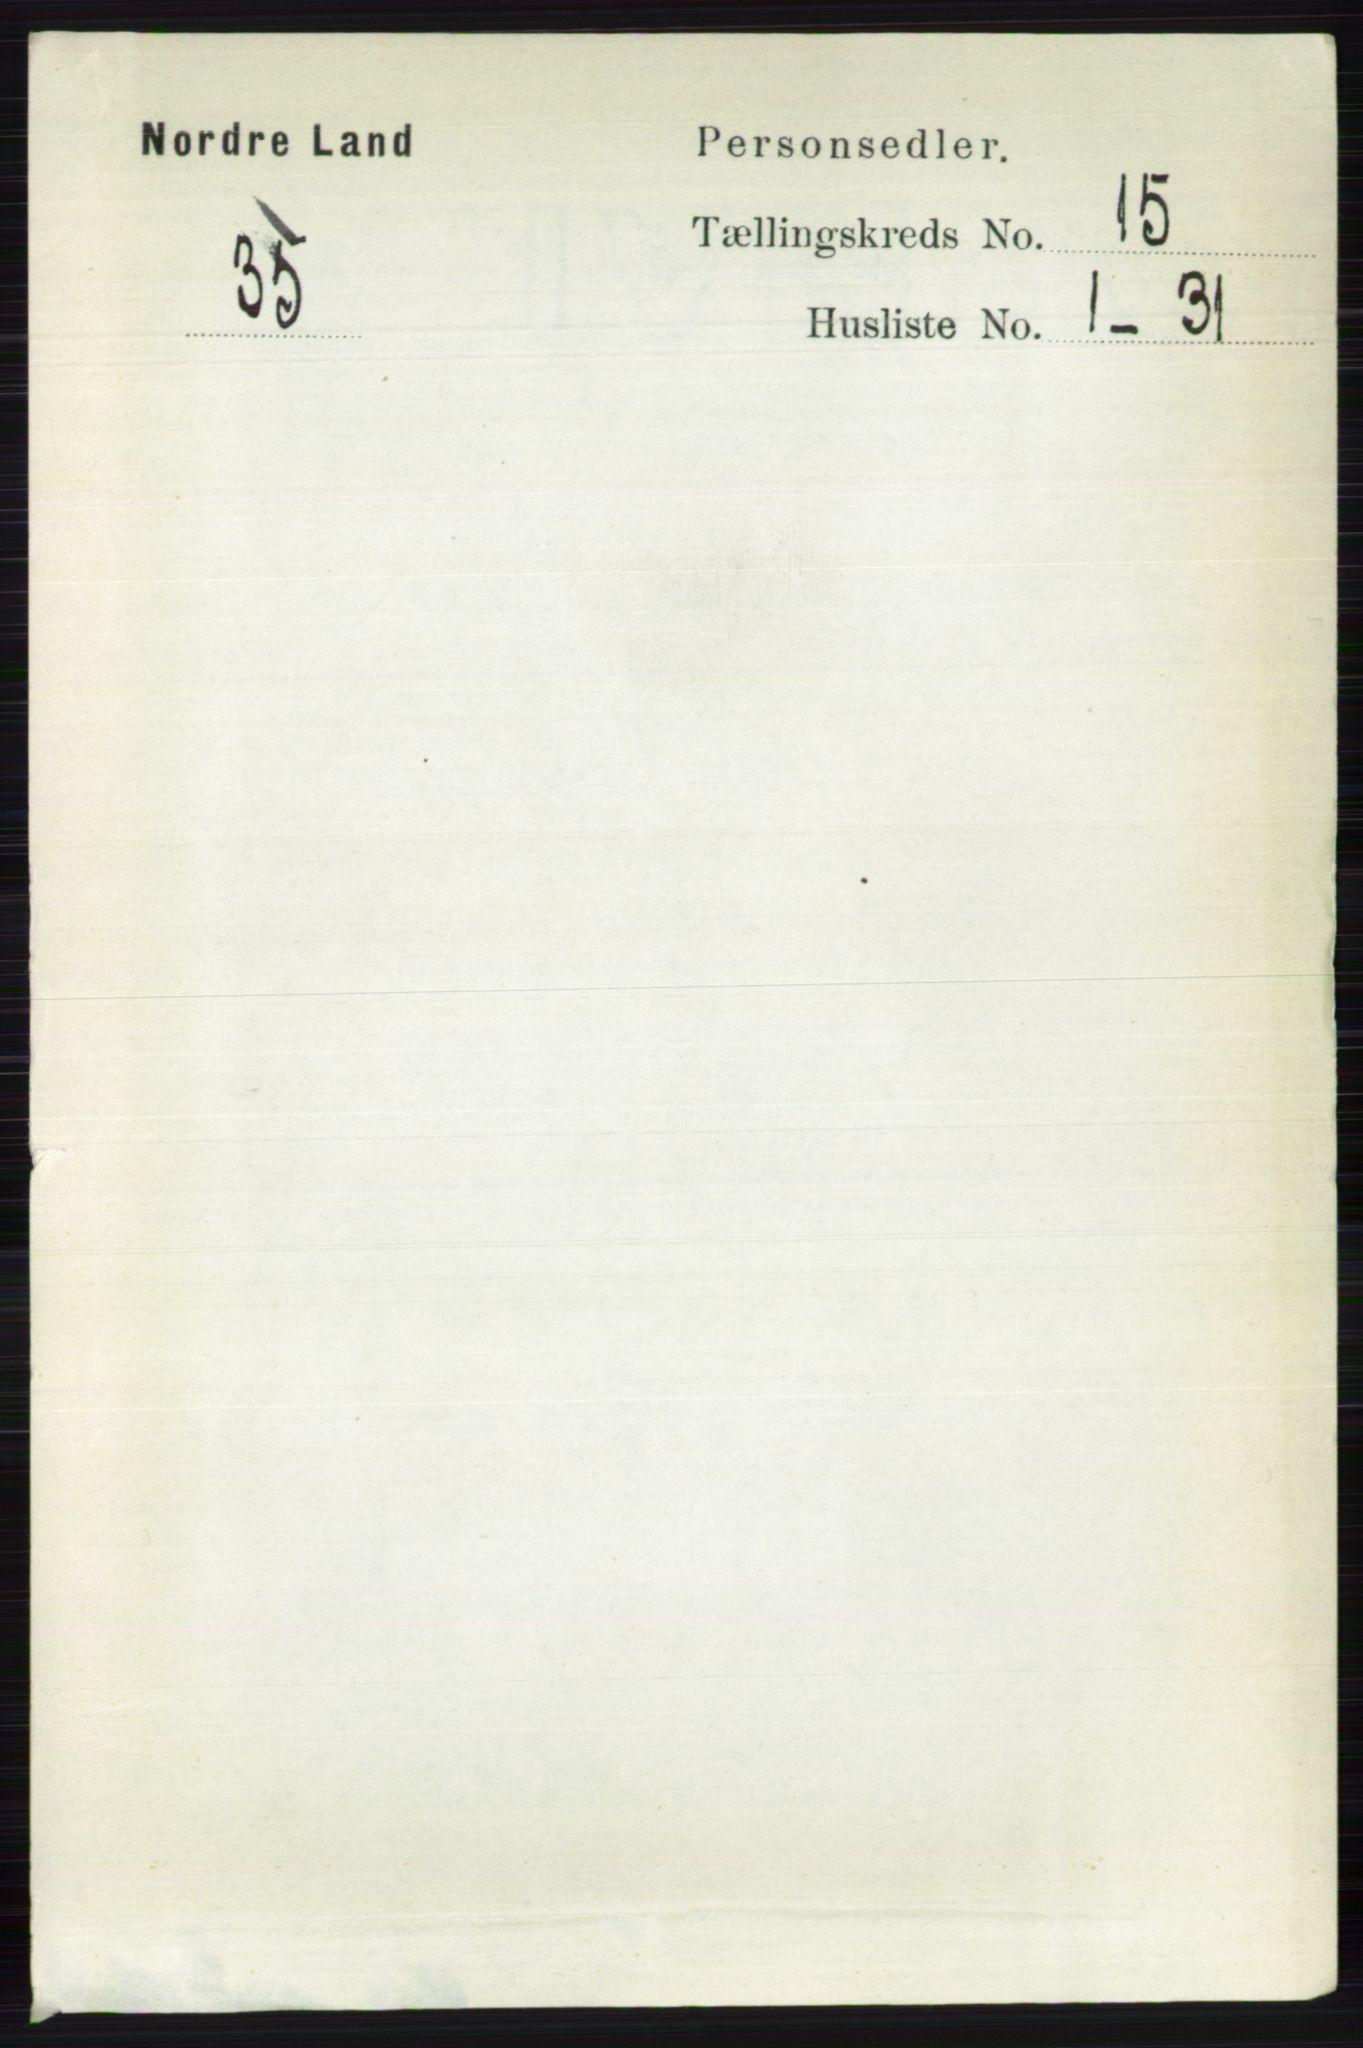 RA, Folketelling 1891 for 0538 Nordre Land herred, 1891, s. 3795